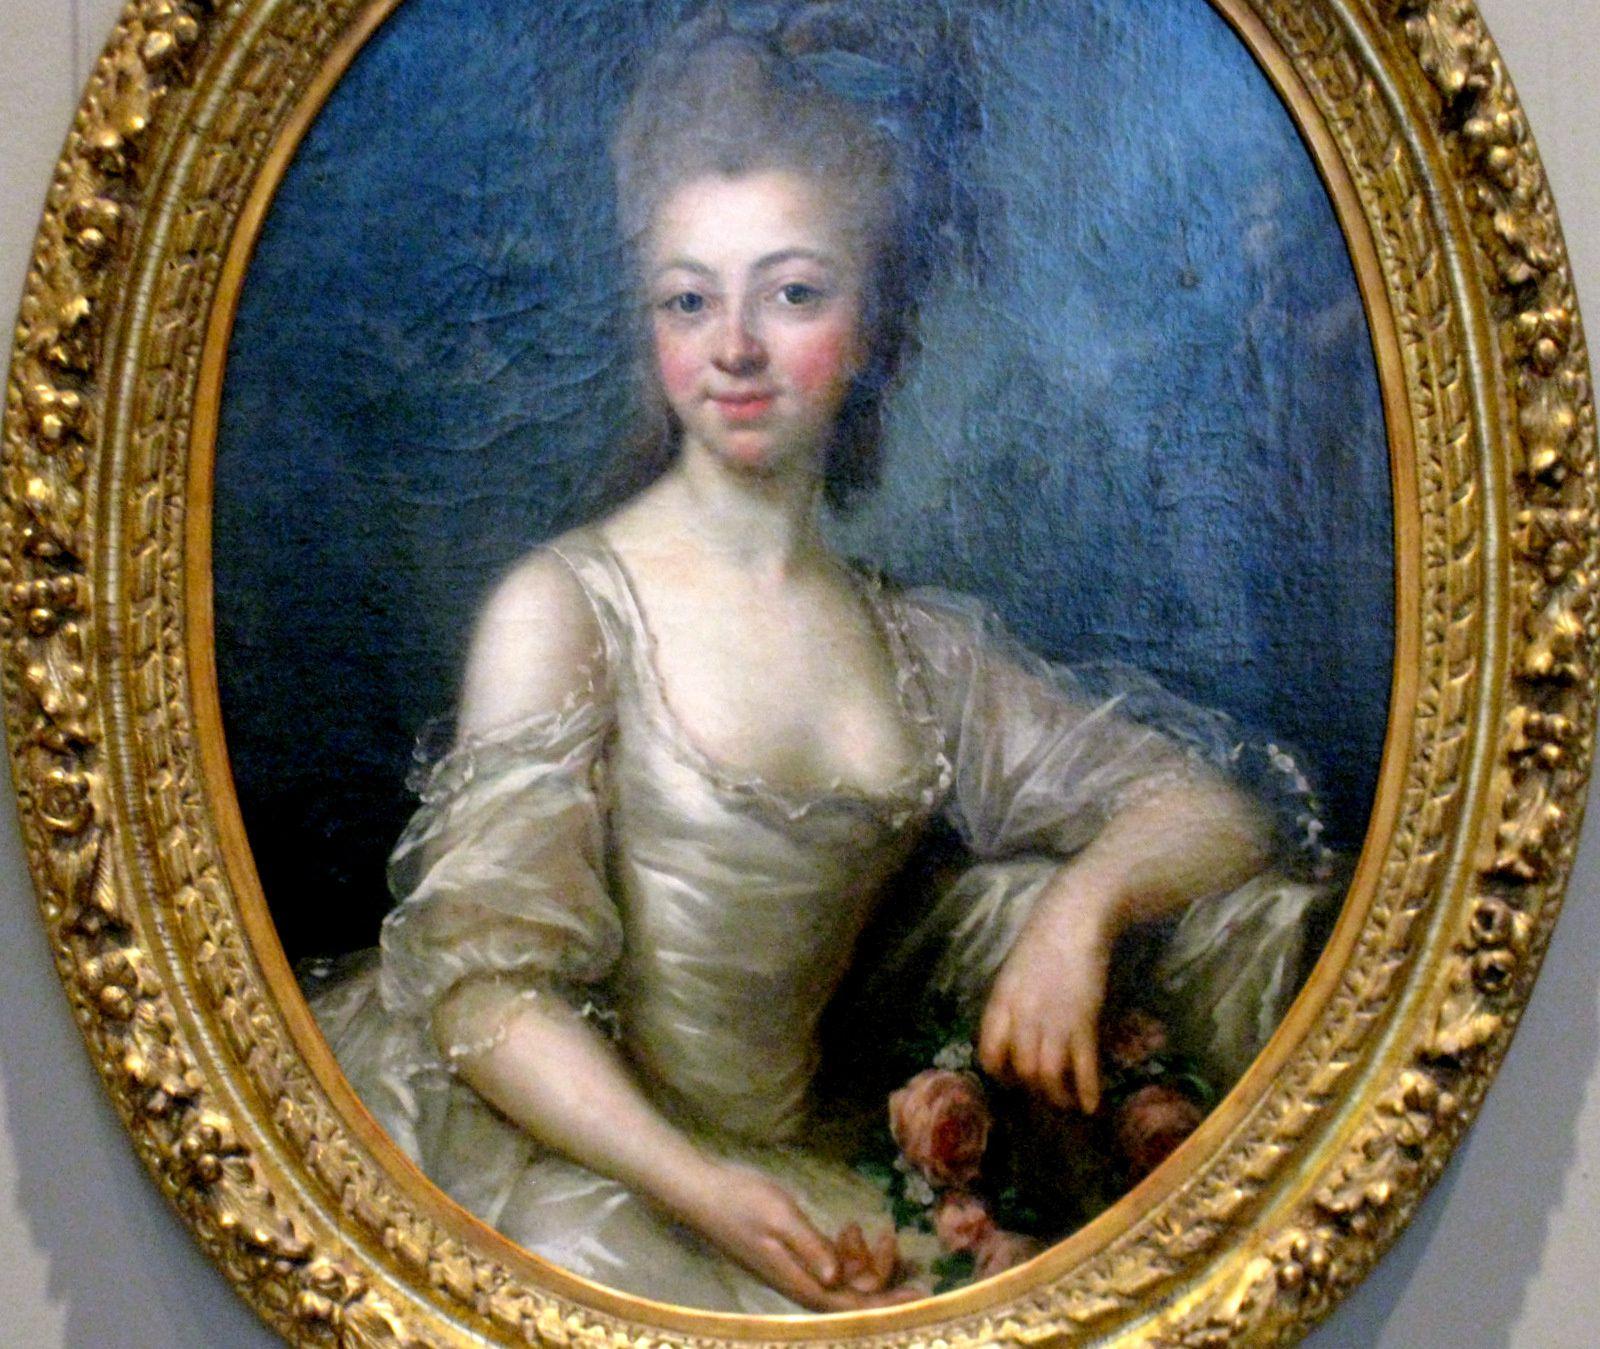 Louise-Elisabeth Vigée-Lebrun, portrait de jeune femme